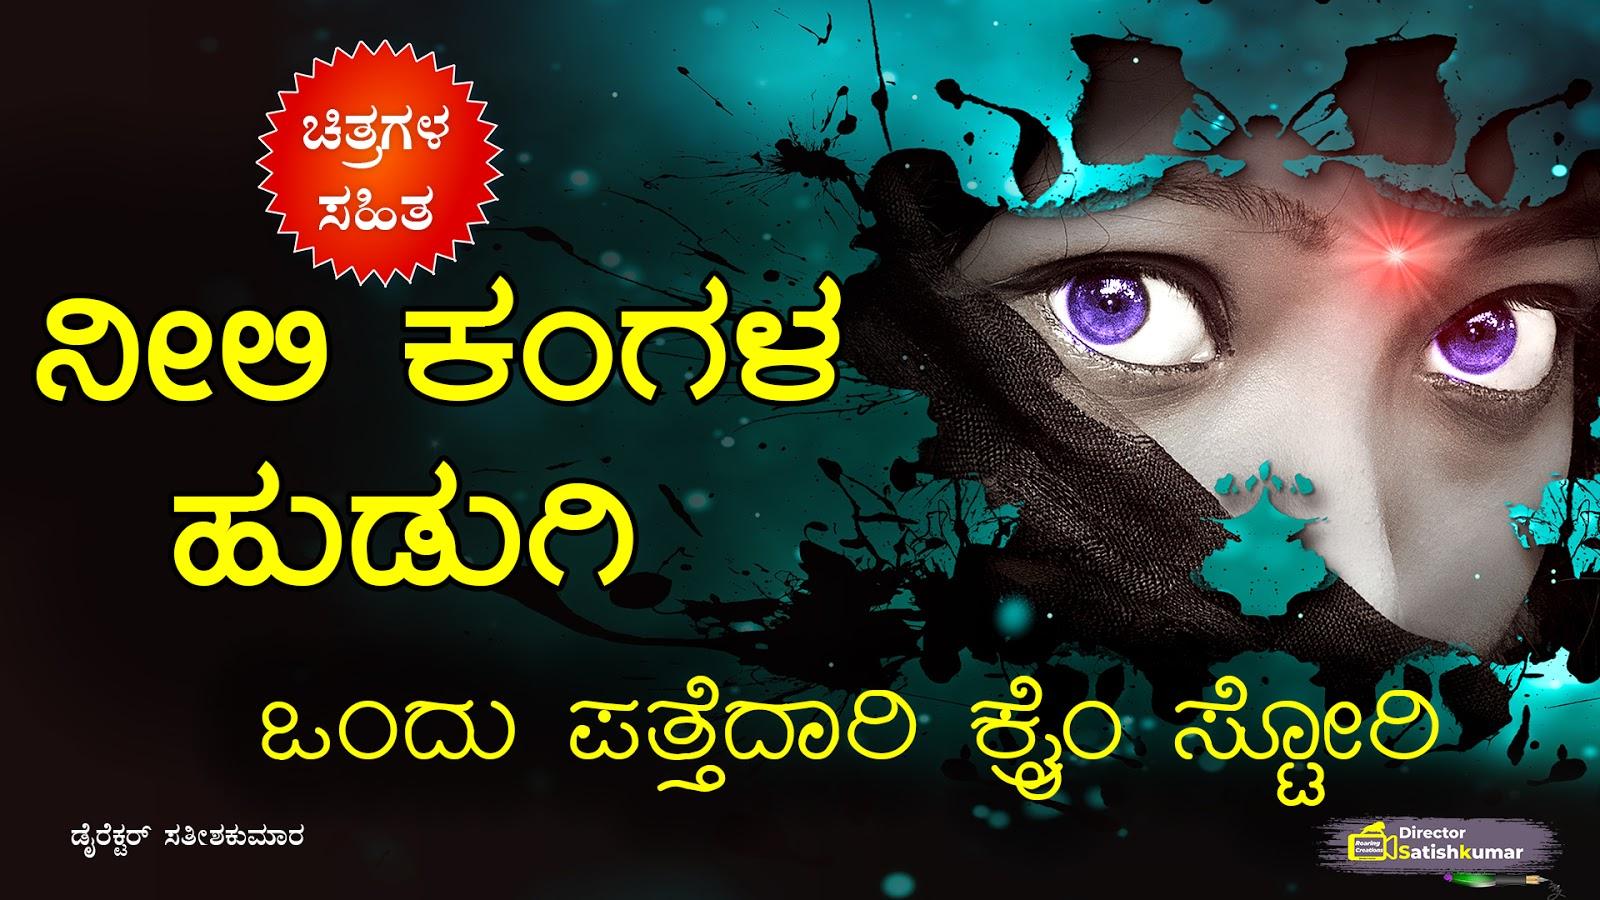 1) ನೀಲಿ ಕಂಗಳ ಹುಡುಗಿ :  ಒಂದು ಪತ್ತೆದಾರಿ ಕ್ರೈಂ ಸ್ಟೋರಿ  - One Detective Crime Story in Kannada - Kannada Stories